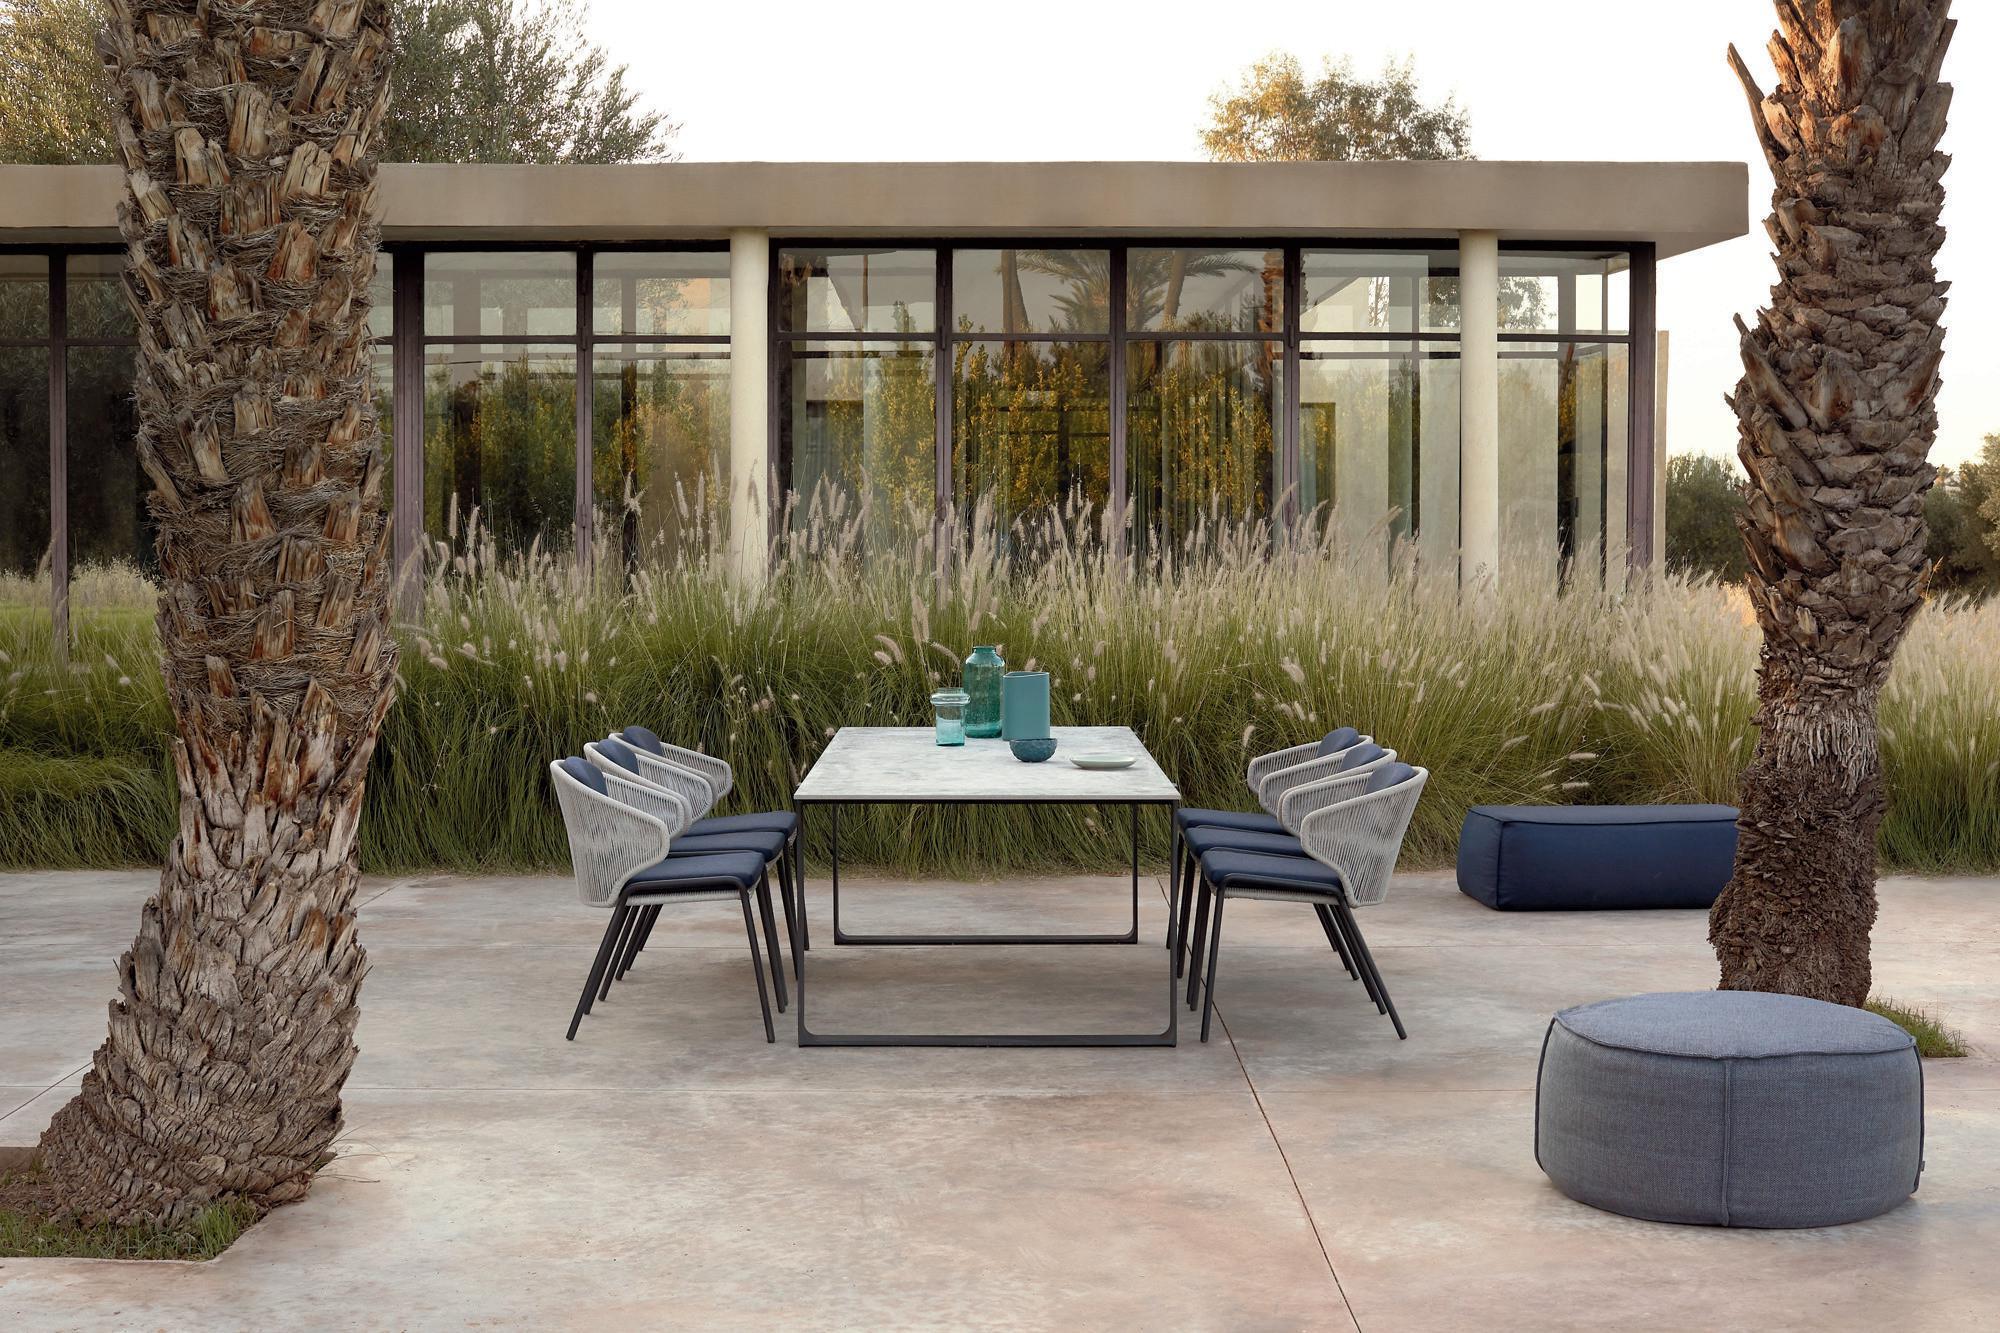 Radius Stühle mit Prato Esstisch